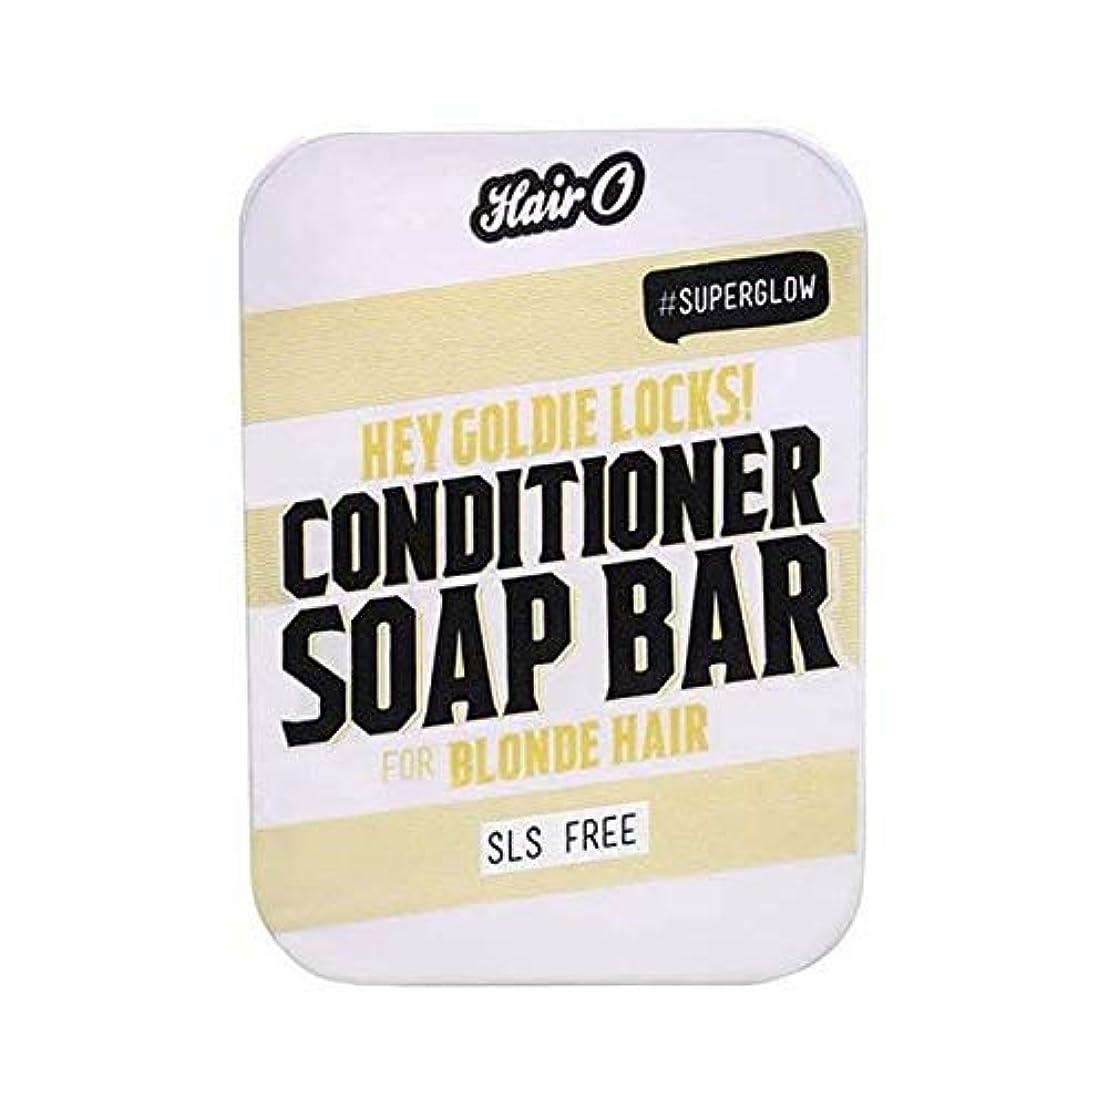 熱観察に向けて出発[Hair O ] 髪ちょっとOゴールディロックCondtioner石鹸バー100グラム - Hair O Hey Goldie Locks Condtioner Soap Bar 100g [並行輸入品]